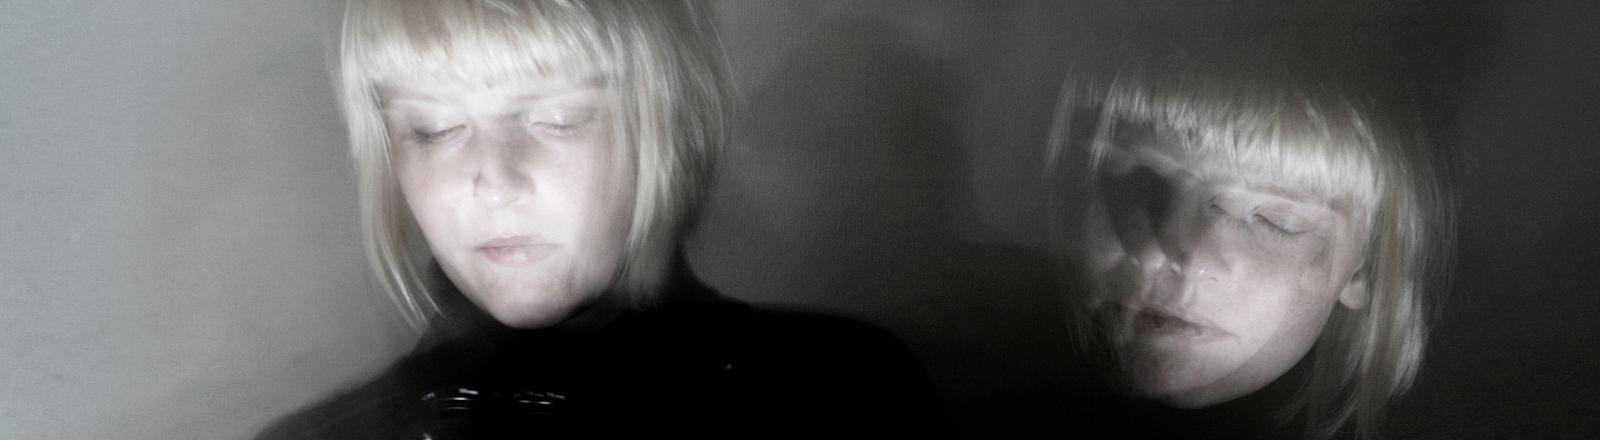 Doppelbelichtung einer Frau, leicht unscharf und in schwarz-weiß.